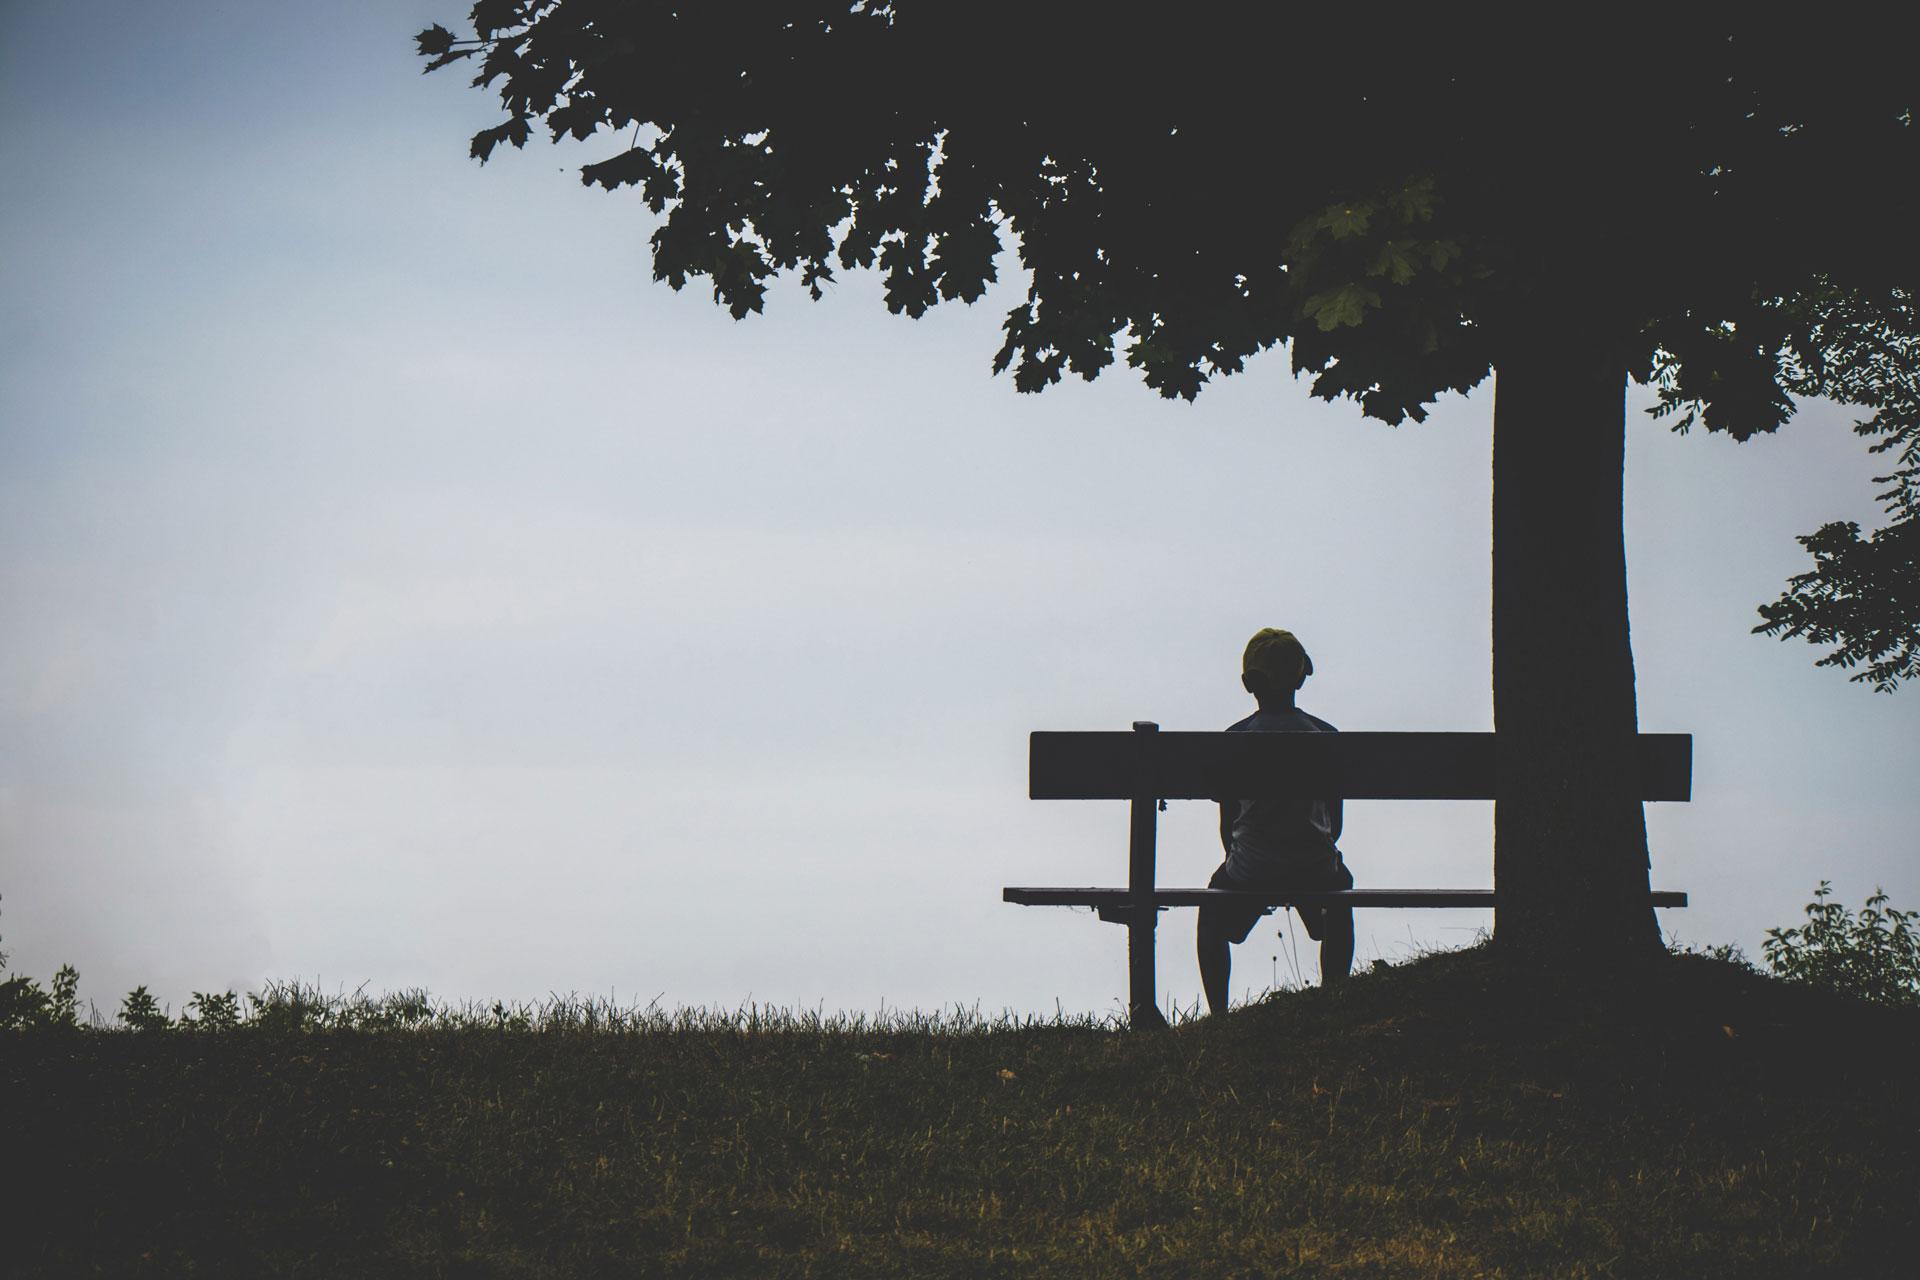 Solitude Day